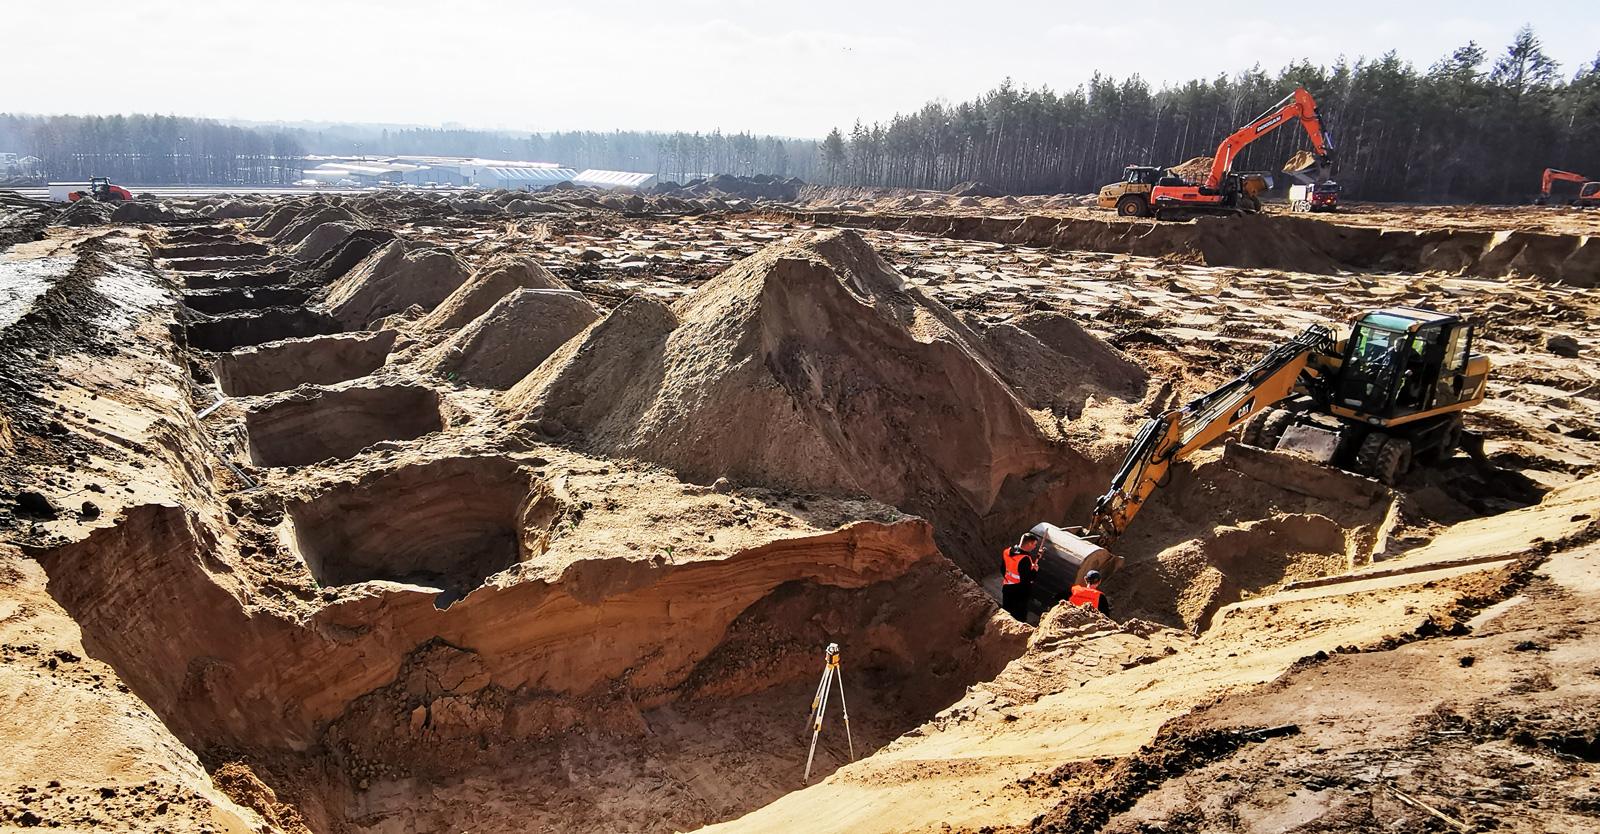 wykopy pod fundamenty hali - centrum logistyczne, Indeka Logistic City, Płaszewko, woj. pomorskie